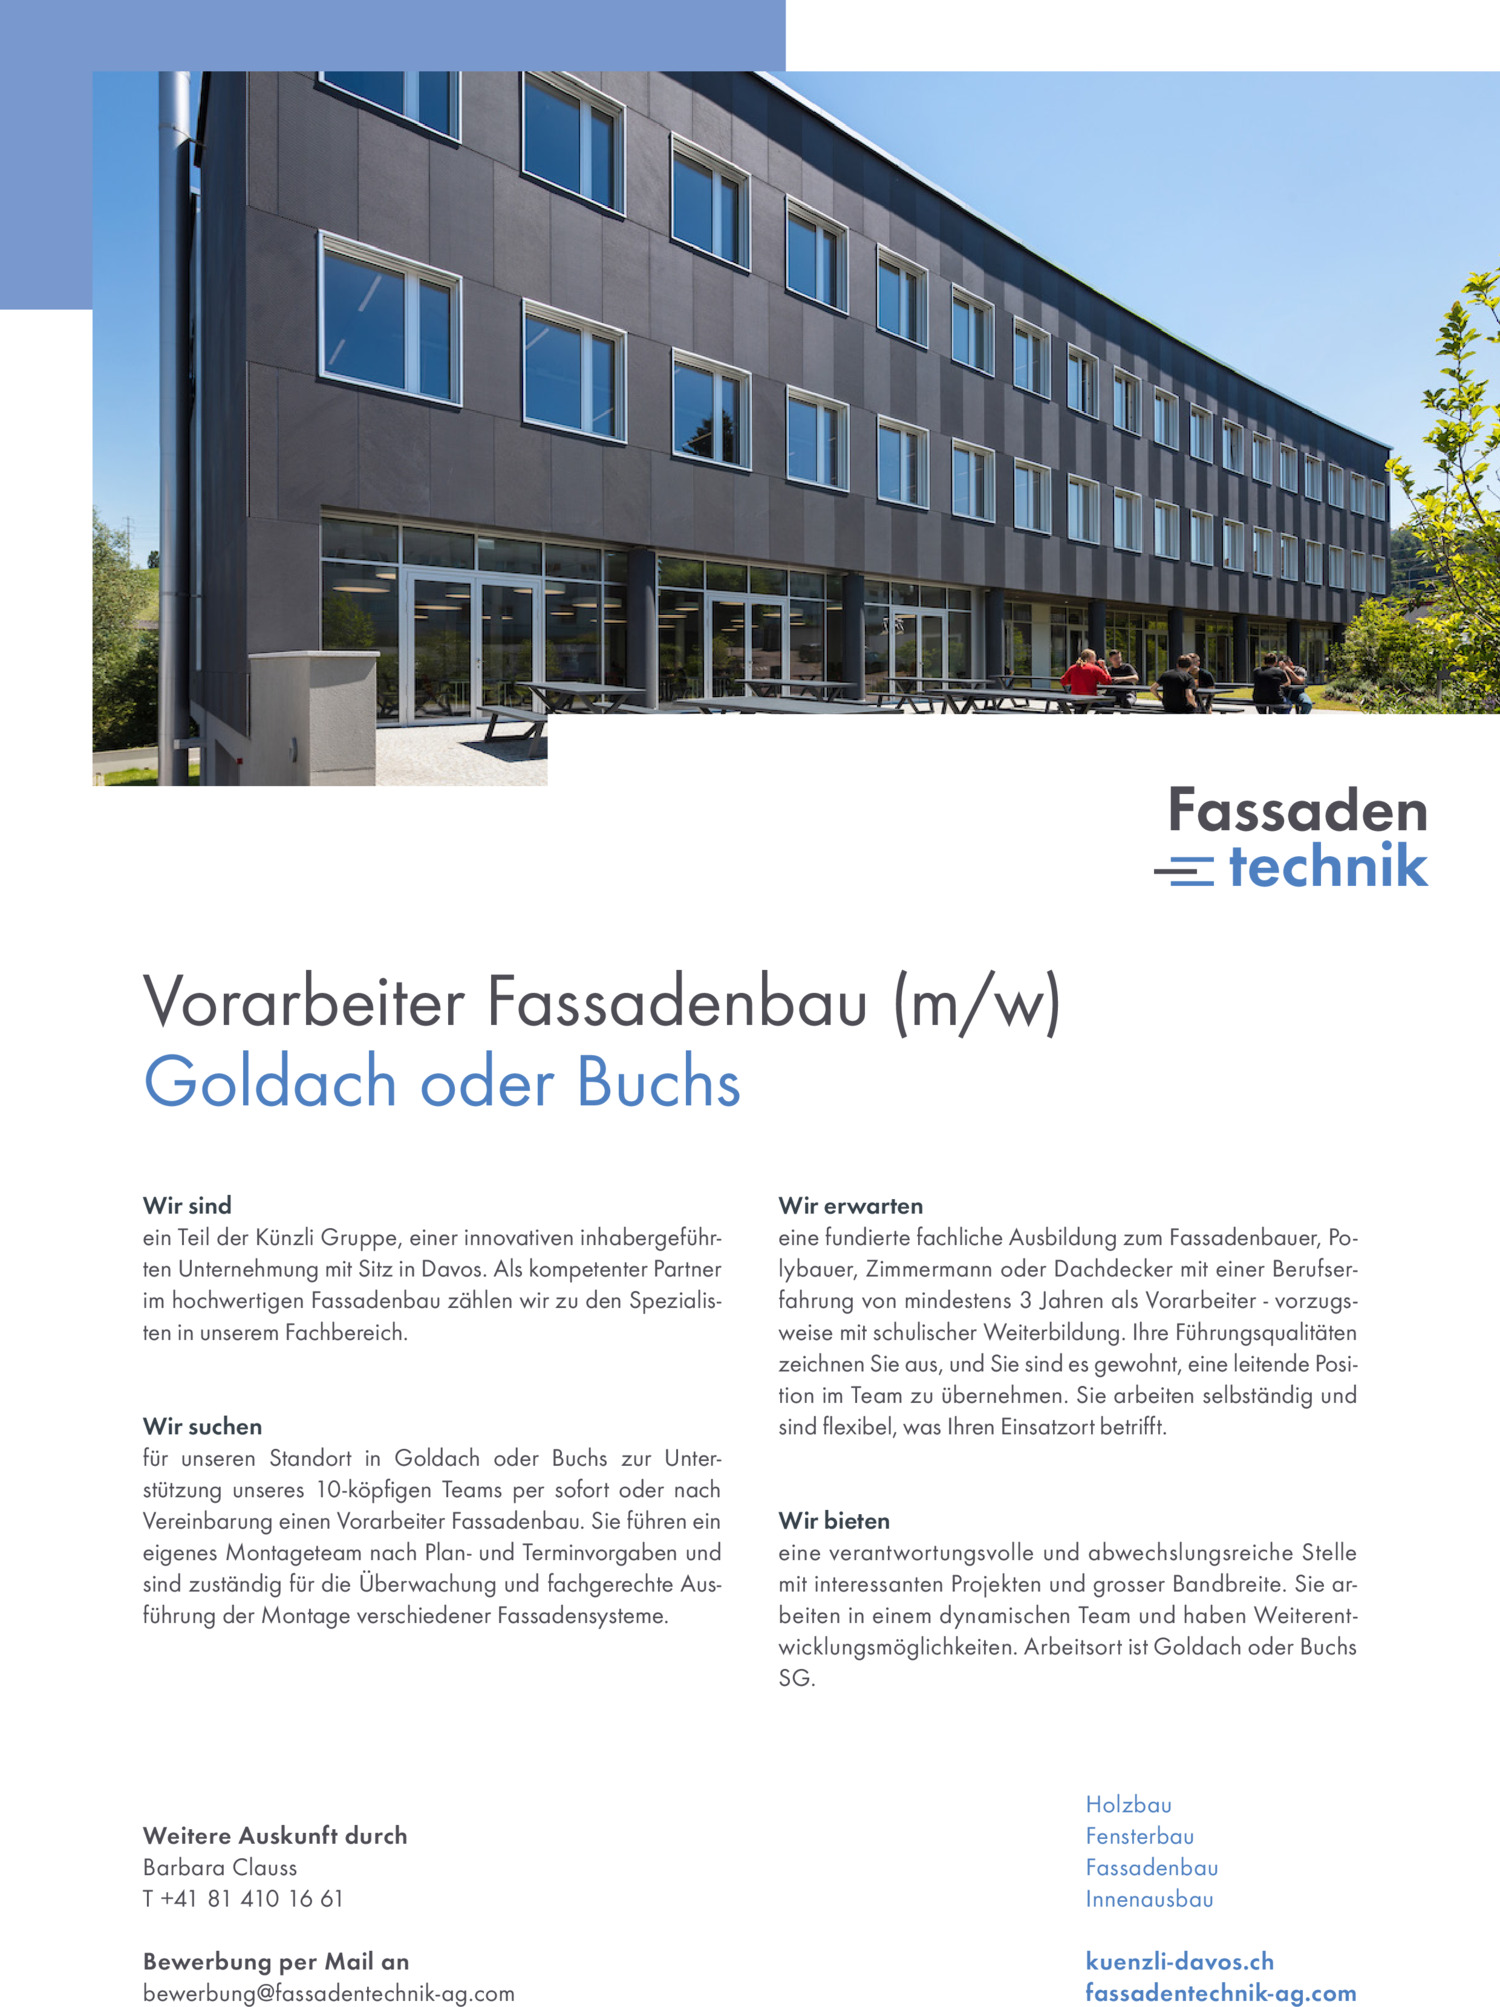 Inserat Vorarbeiter Fassadenbau (m/w) – Goldach oder Buchs